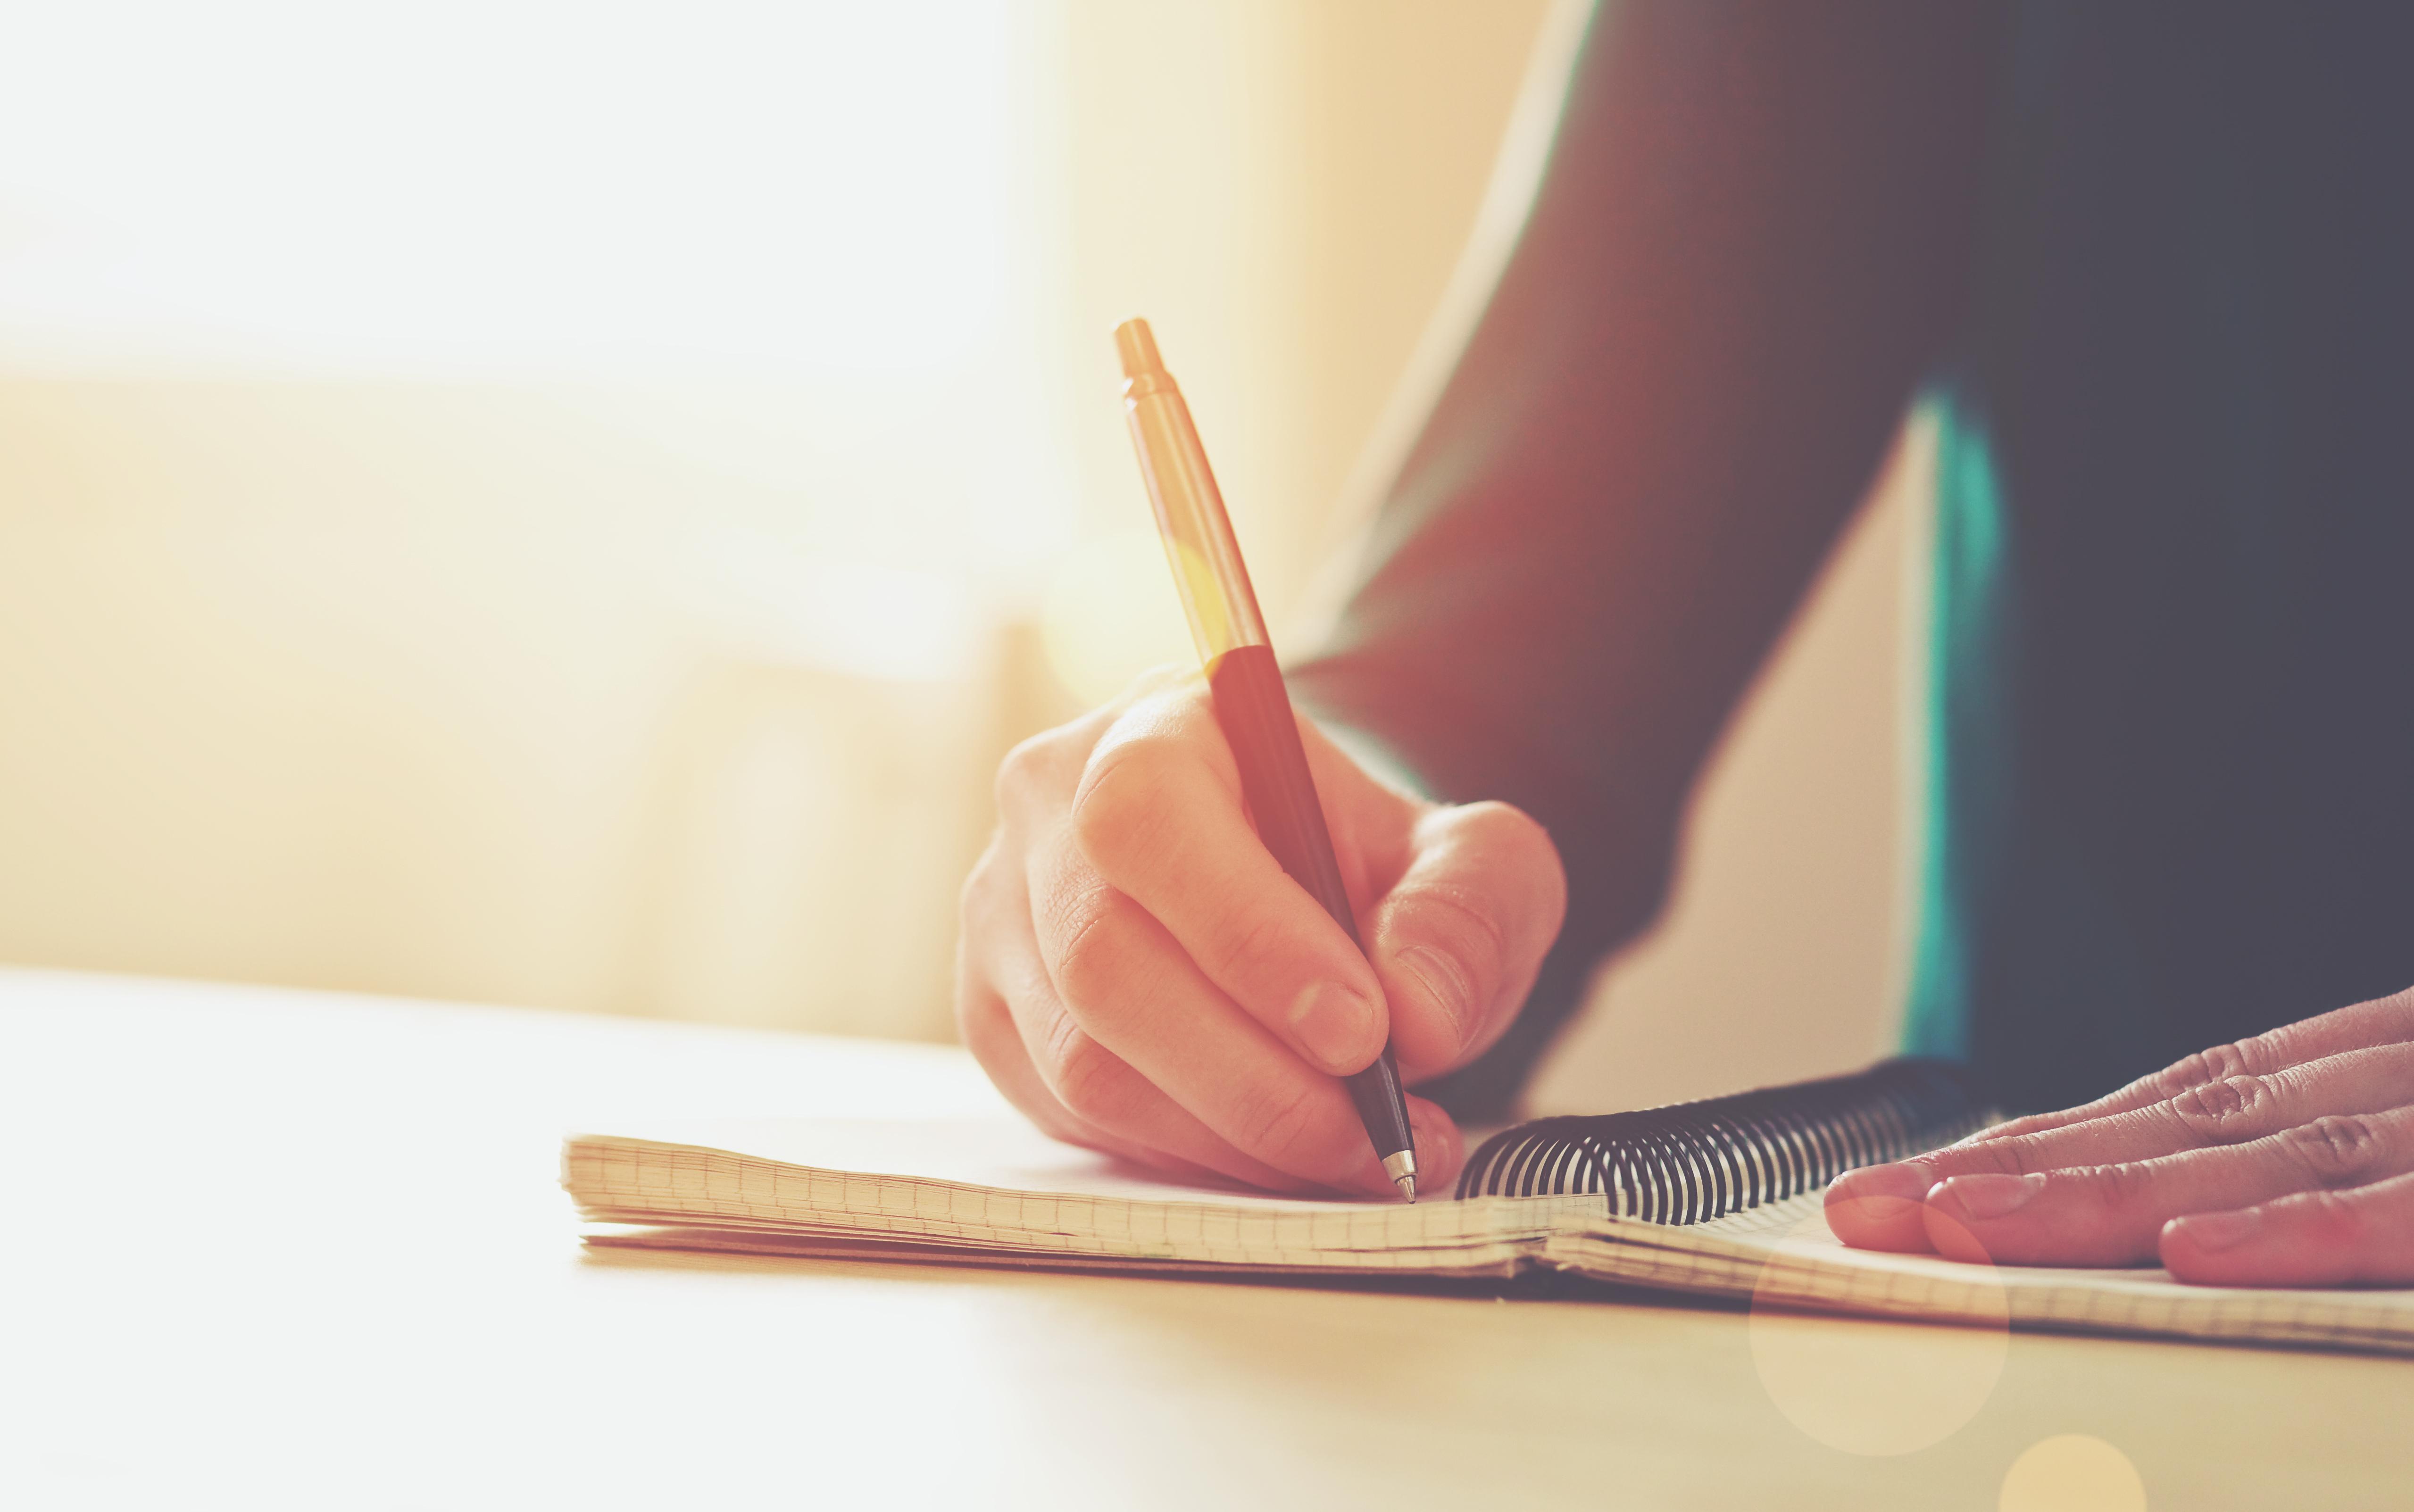 Níveis de alfabetização de jovens e adultos seguem alarmantes, segundo relatório da Unesco